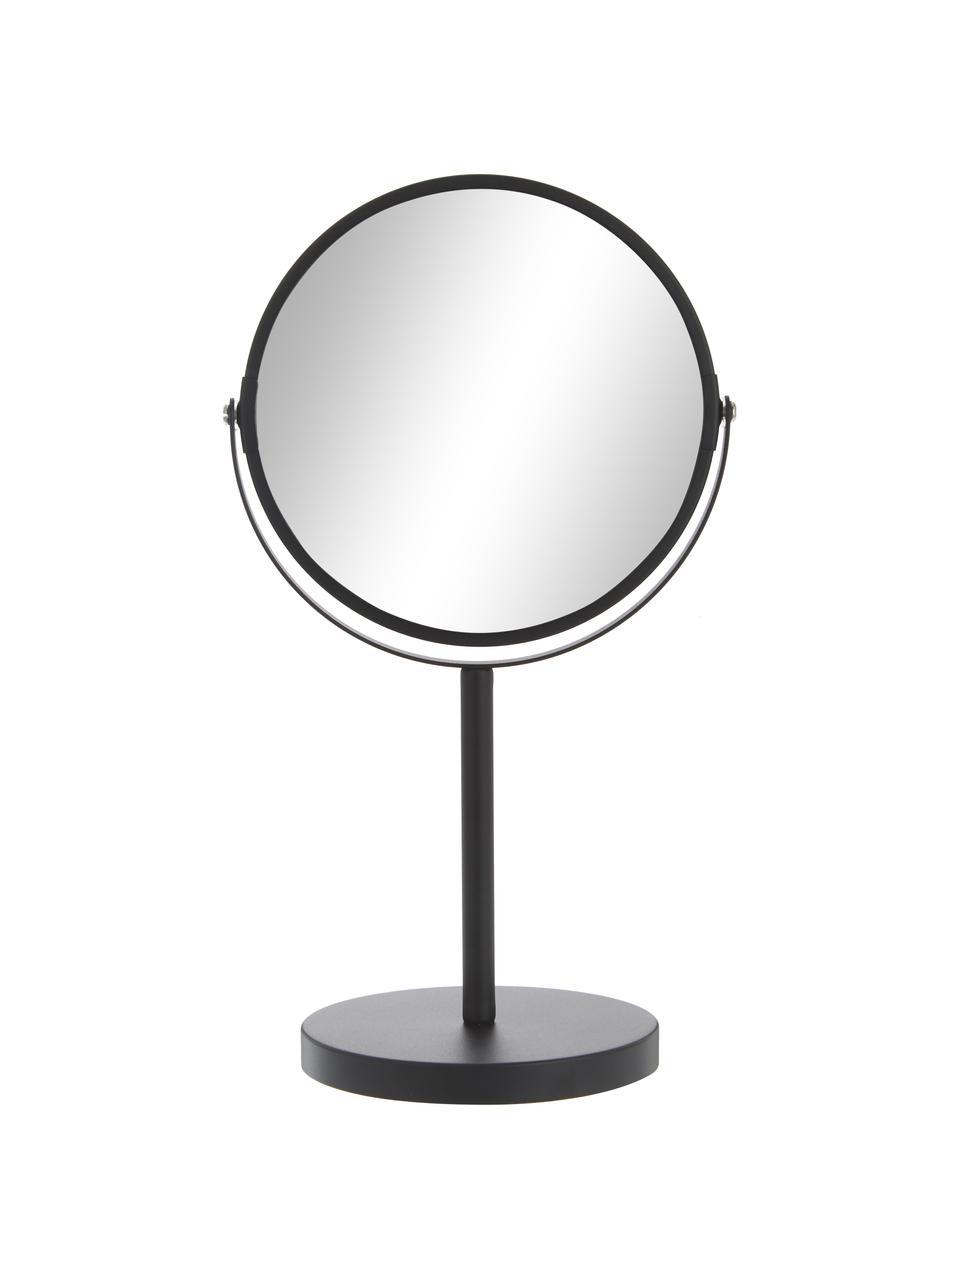 Lusterko kosmetyczne Classic z powiększeniem, Rama: czarny Lustro: szkło lustrzane, Ø 20 x W 35 cm